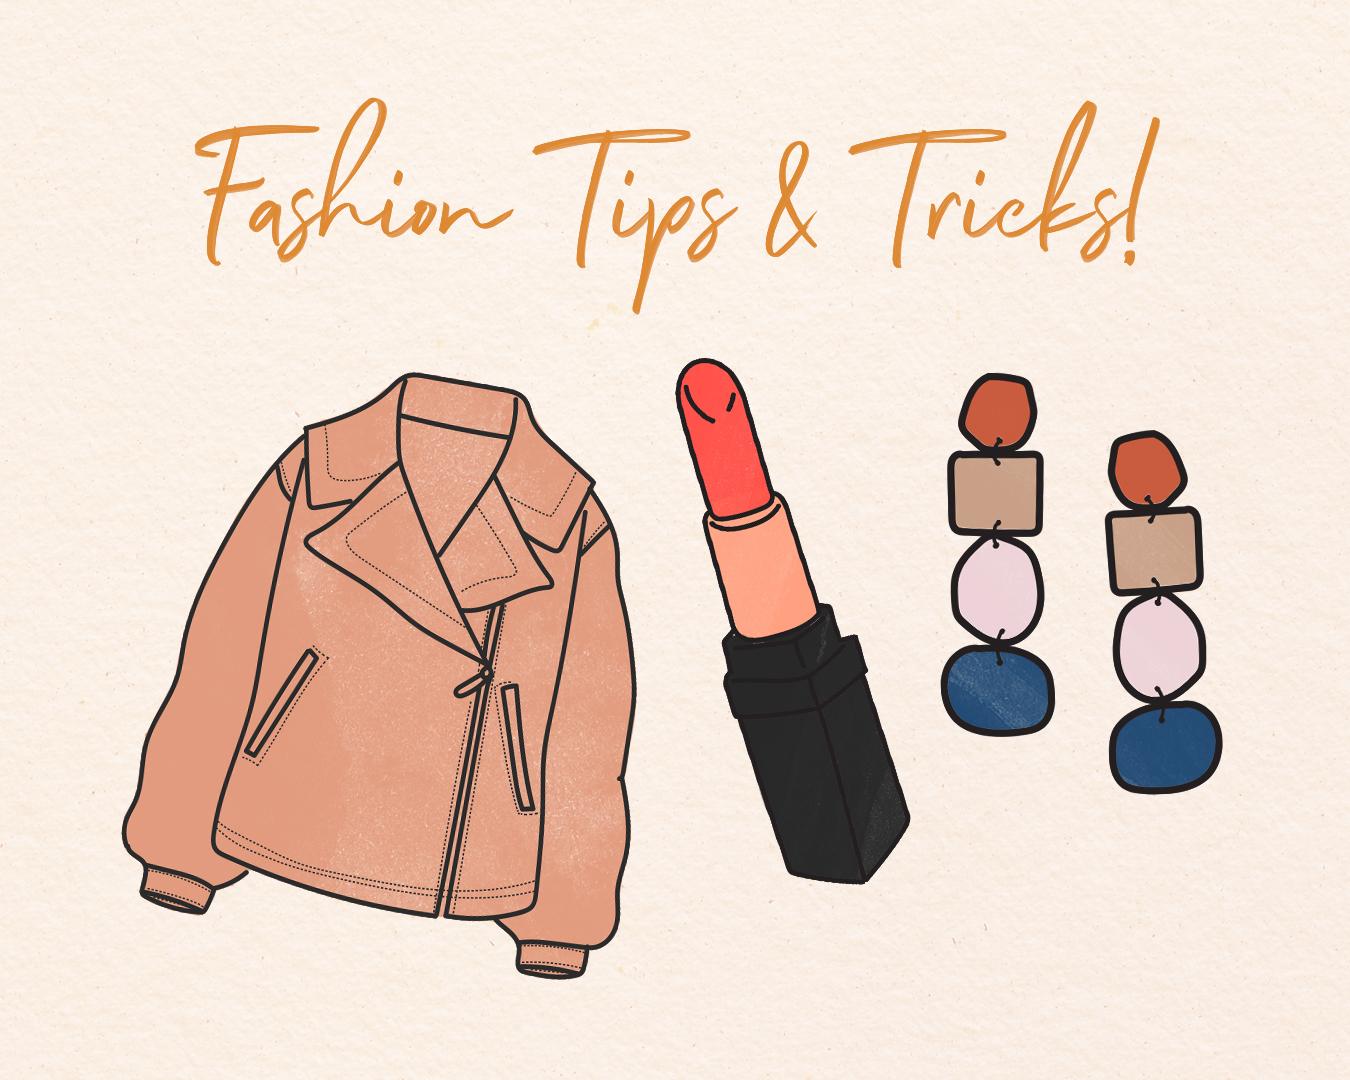 Fashion Tips & Tricks!